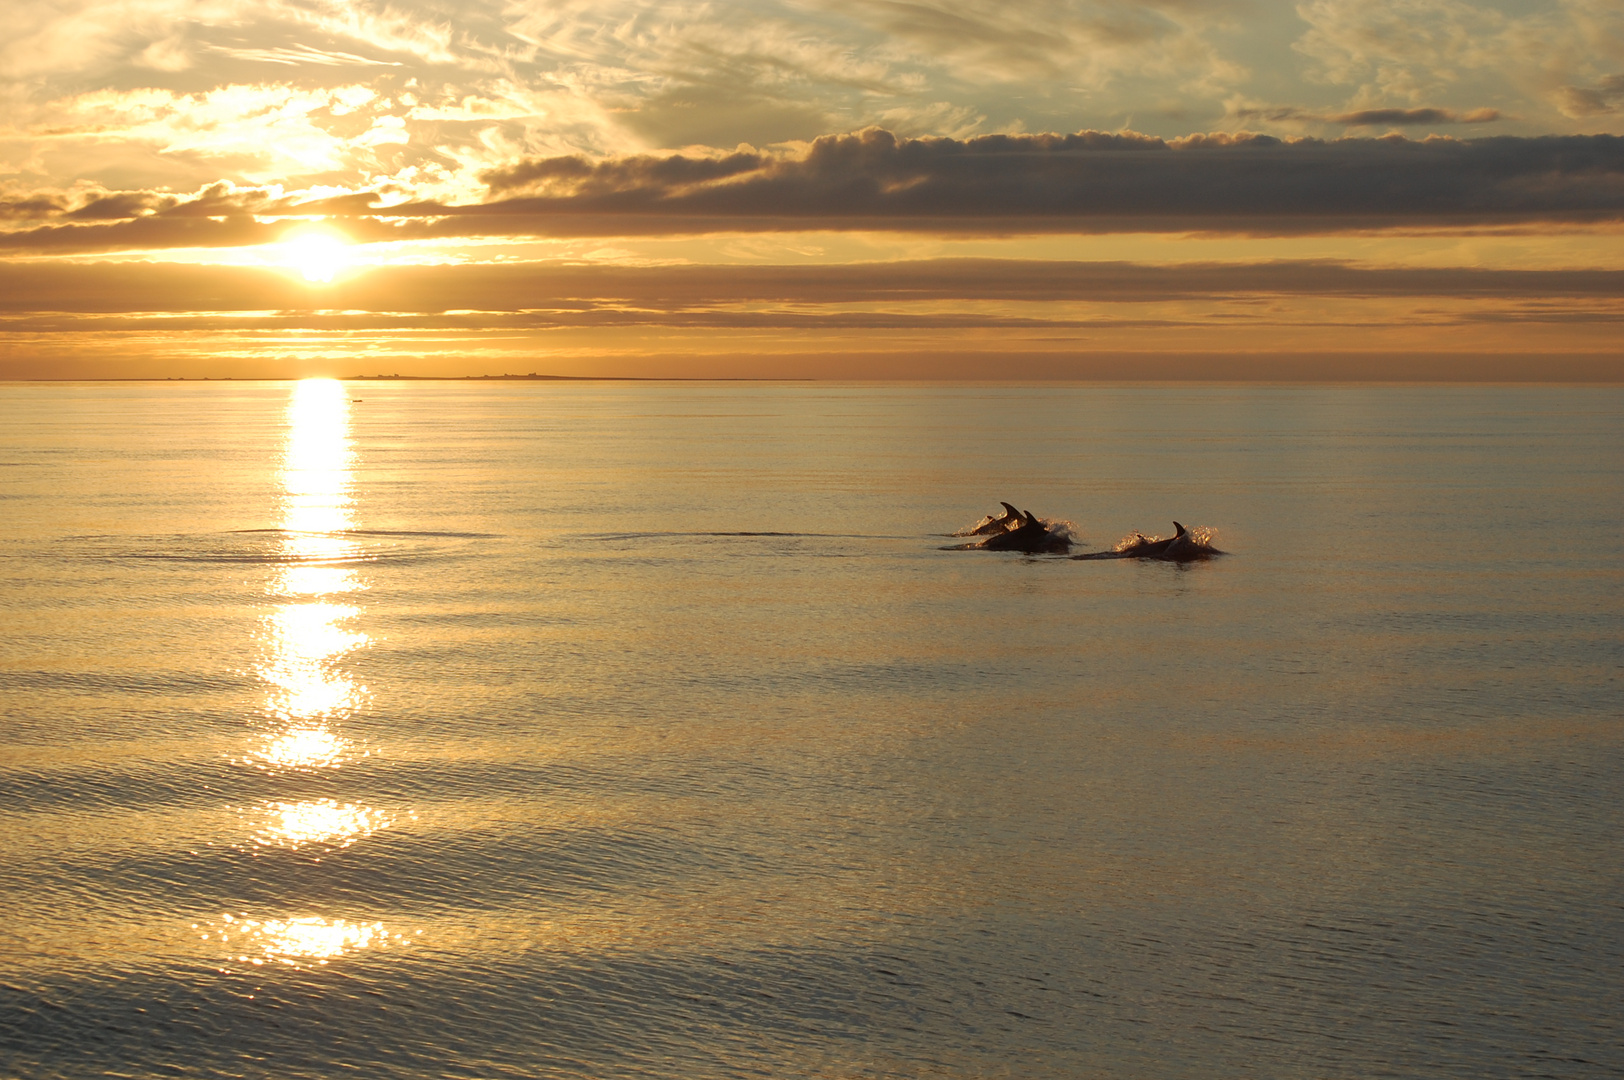 Delfine im Sonnenuntergang